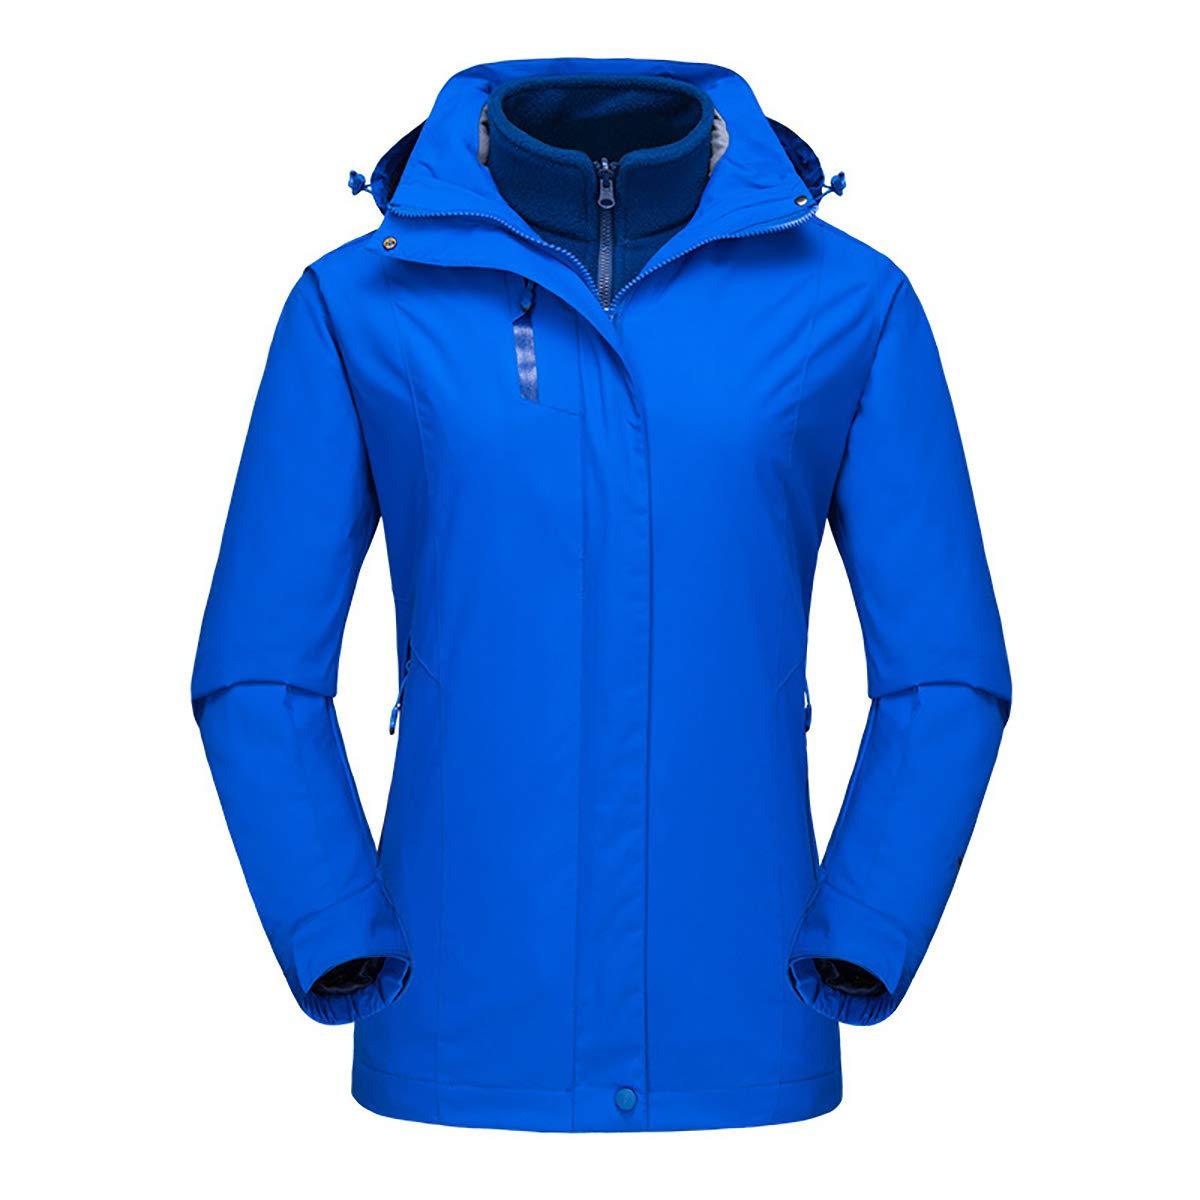 bluee Women Mountaineering Sportswear, 3in1 Detachable Lined Thicken Down Jacket Hooded Windproof Waterproof Warm Outdoor Jacket TwoPiece,Black,S